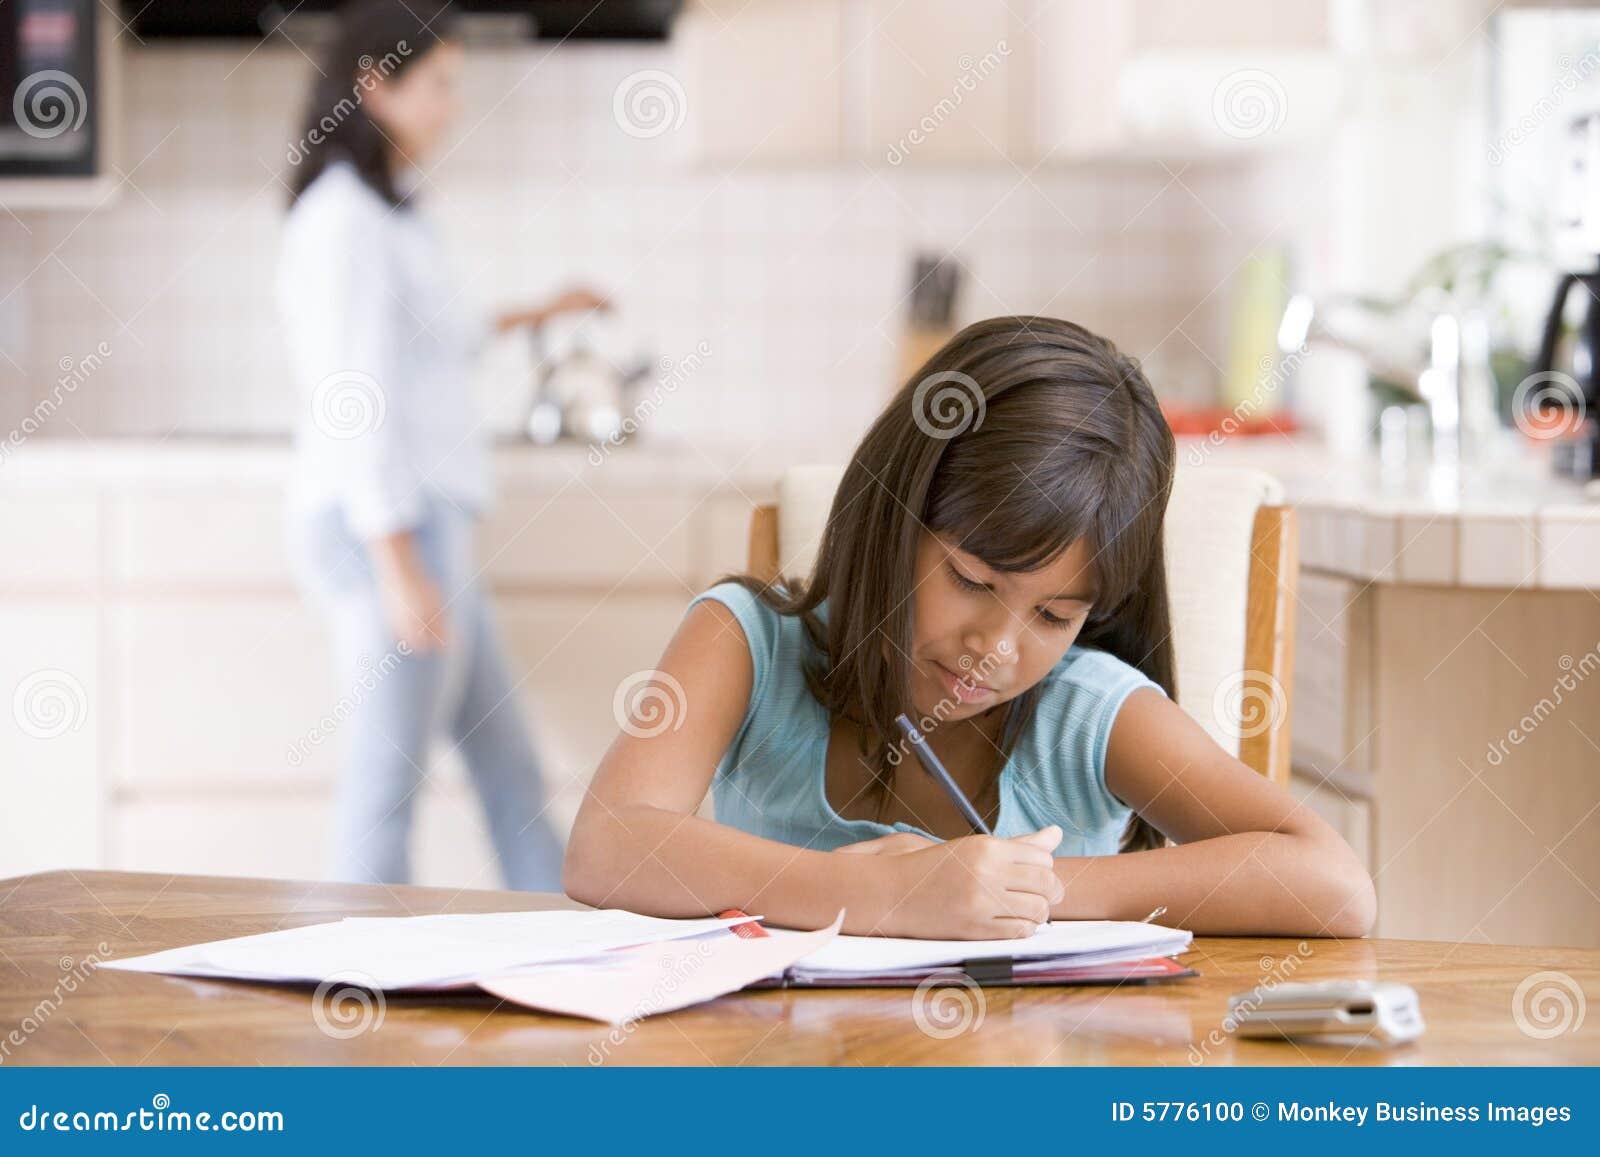 Jong meisje in keuken die thuiswerk met binnen vrouw doet